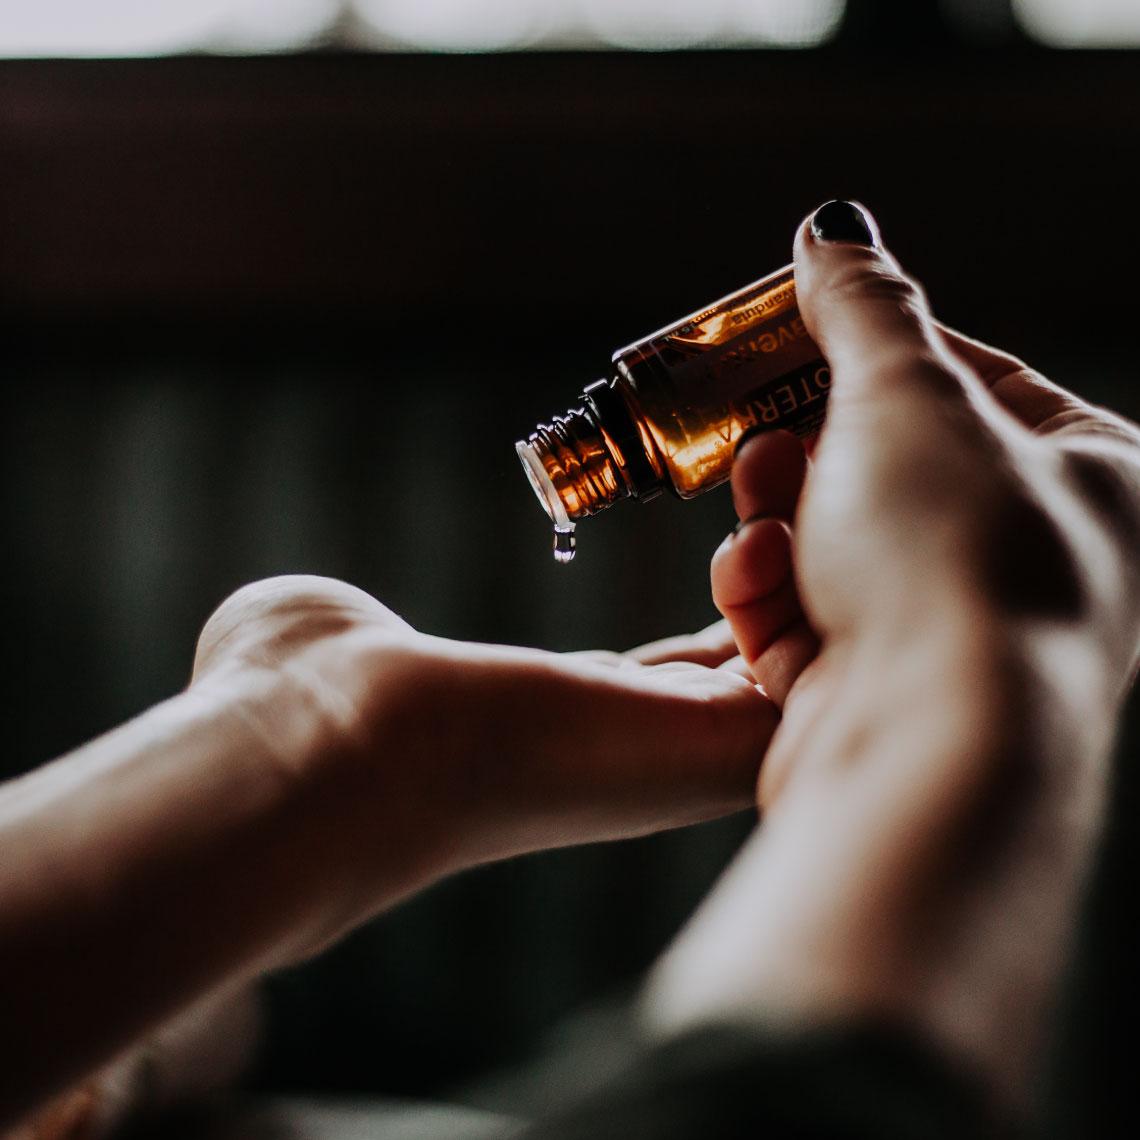 תביעת תרופה שאינה בסל הבריאות מחברת הביטוח - סוכן ביטוח בריאות טד בר